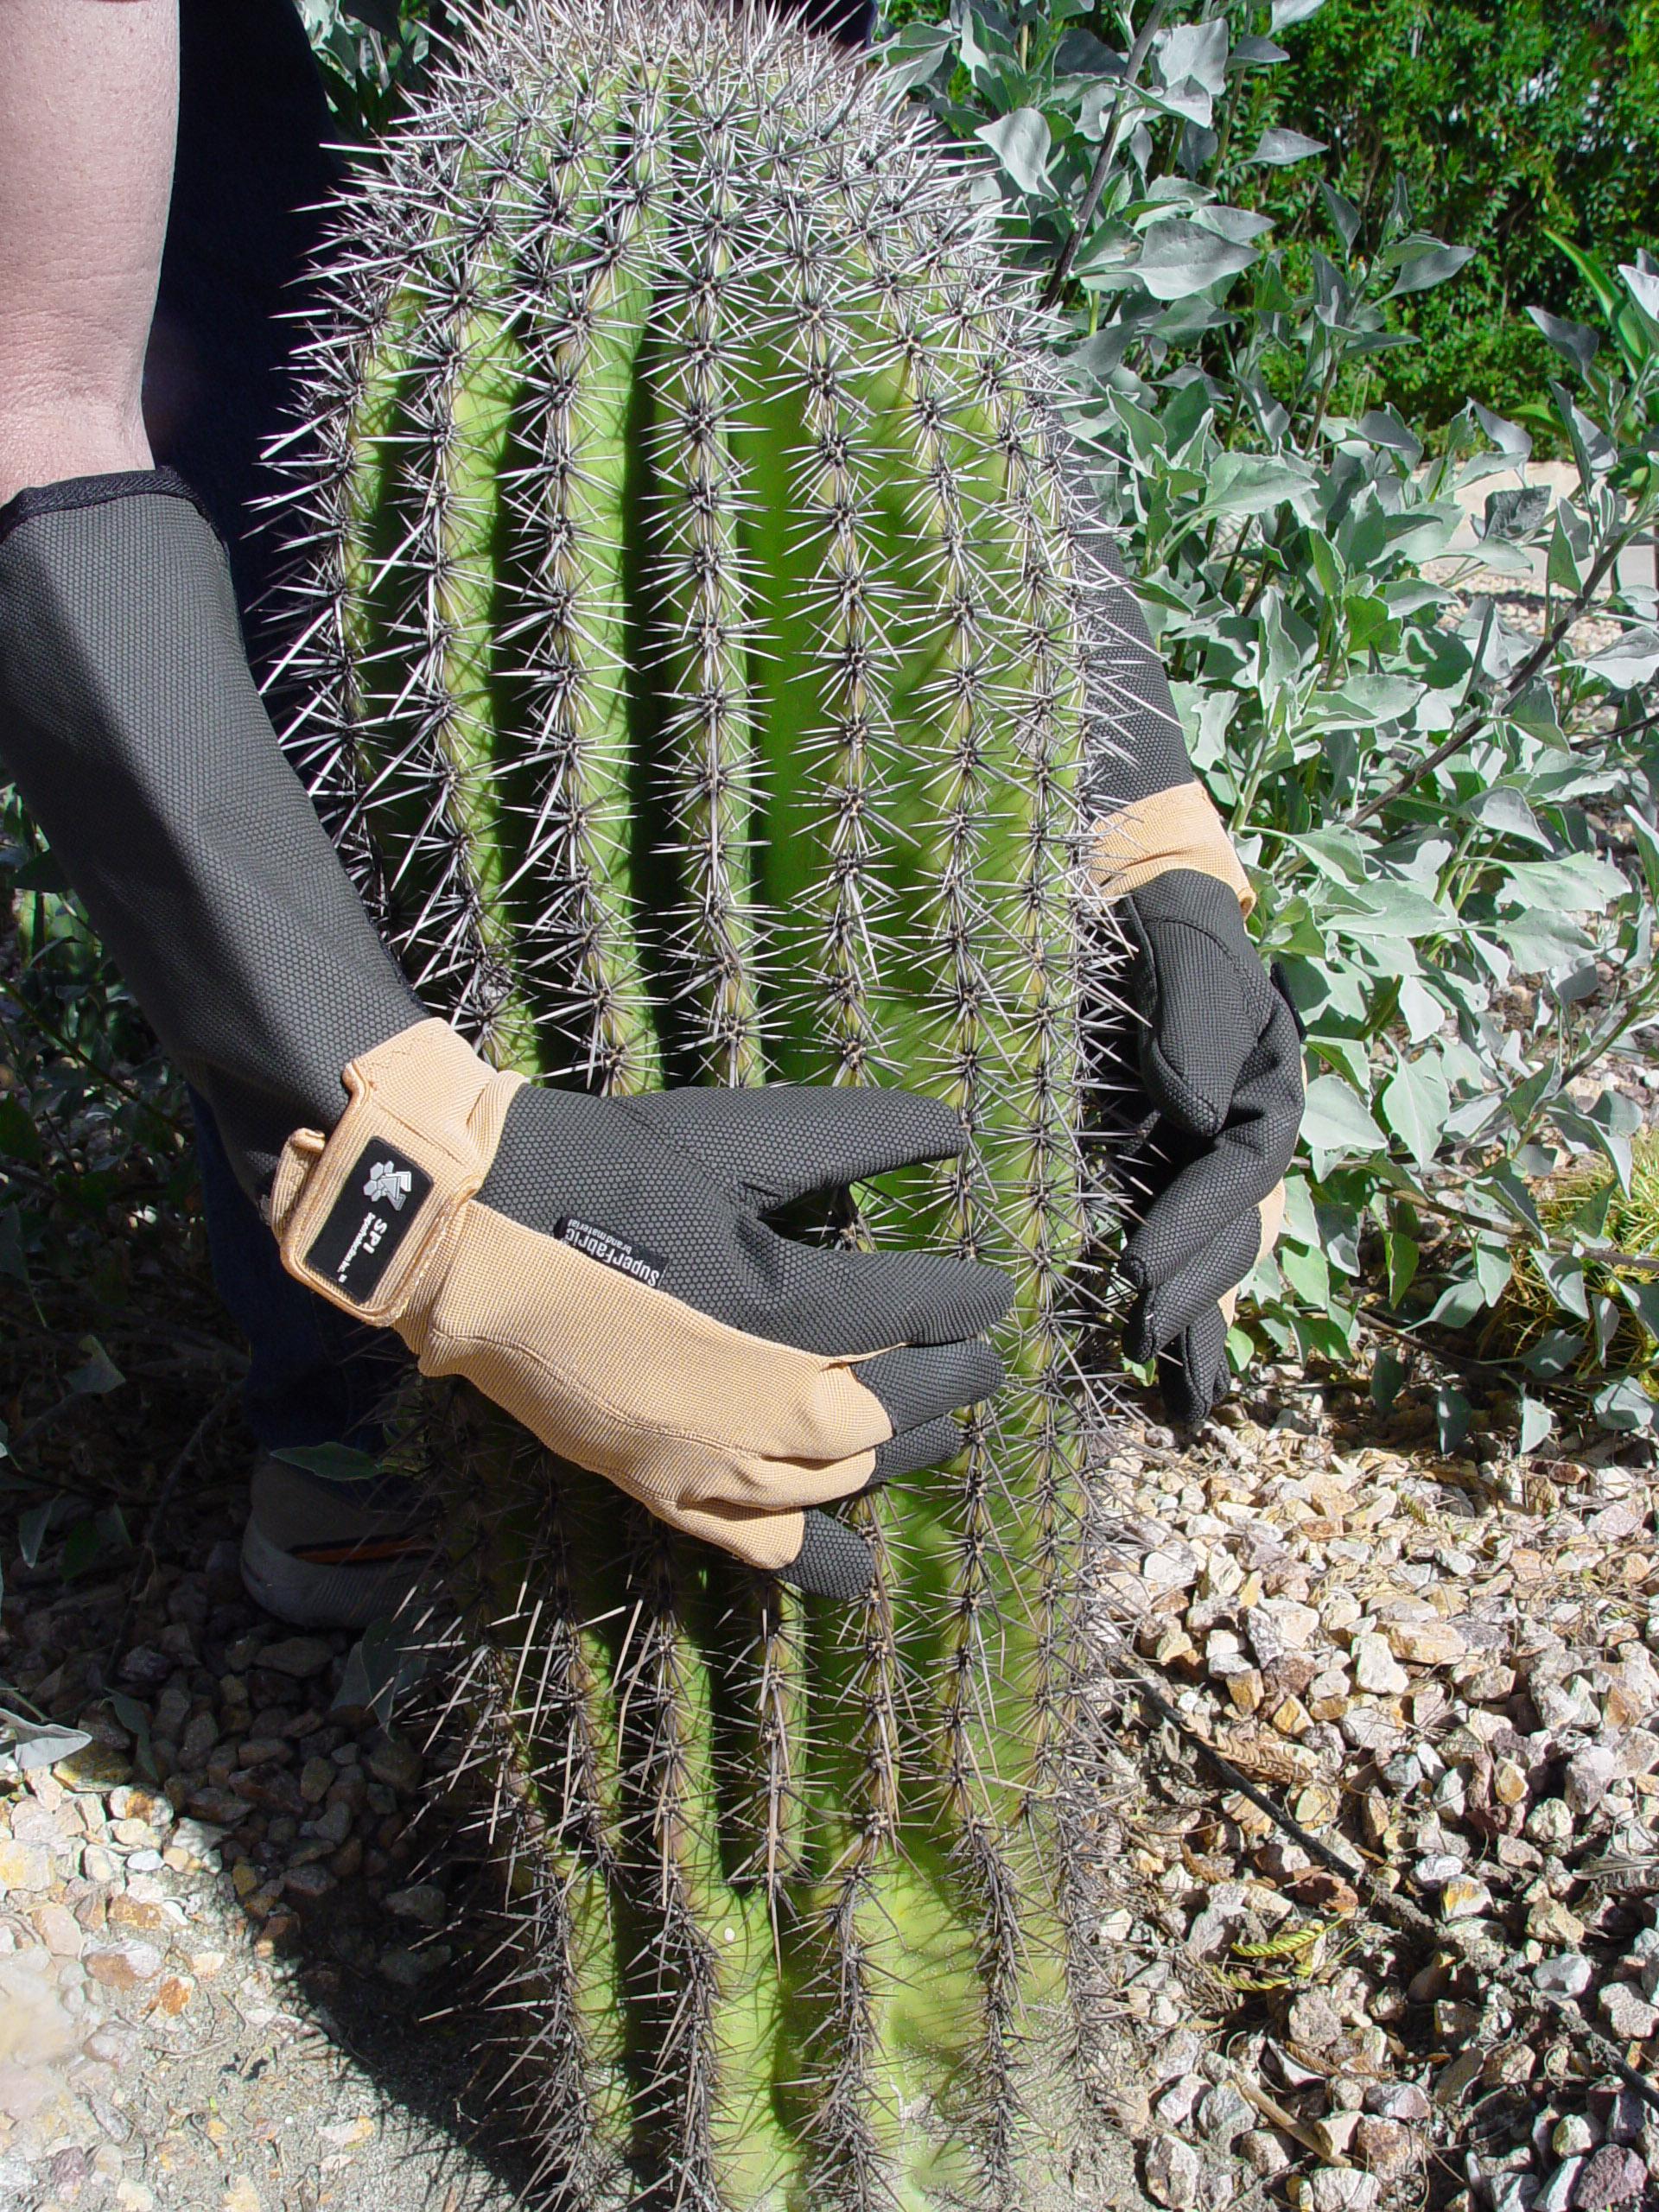 Le premier gant vraiment résistant aux épines